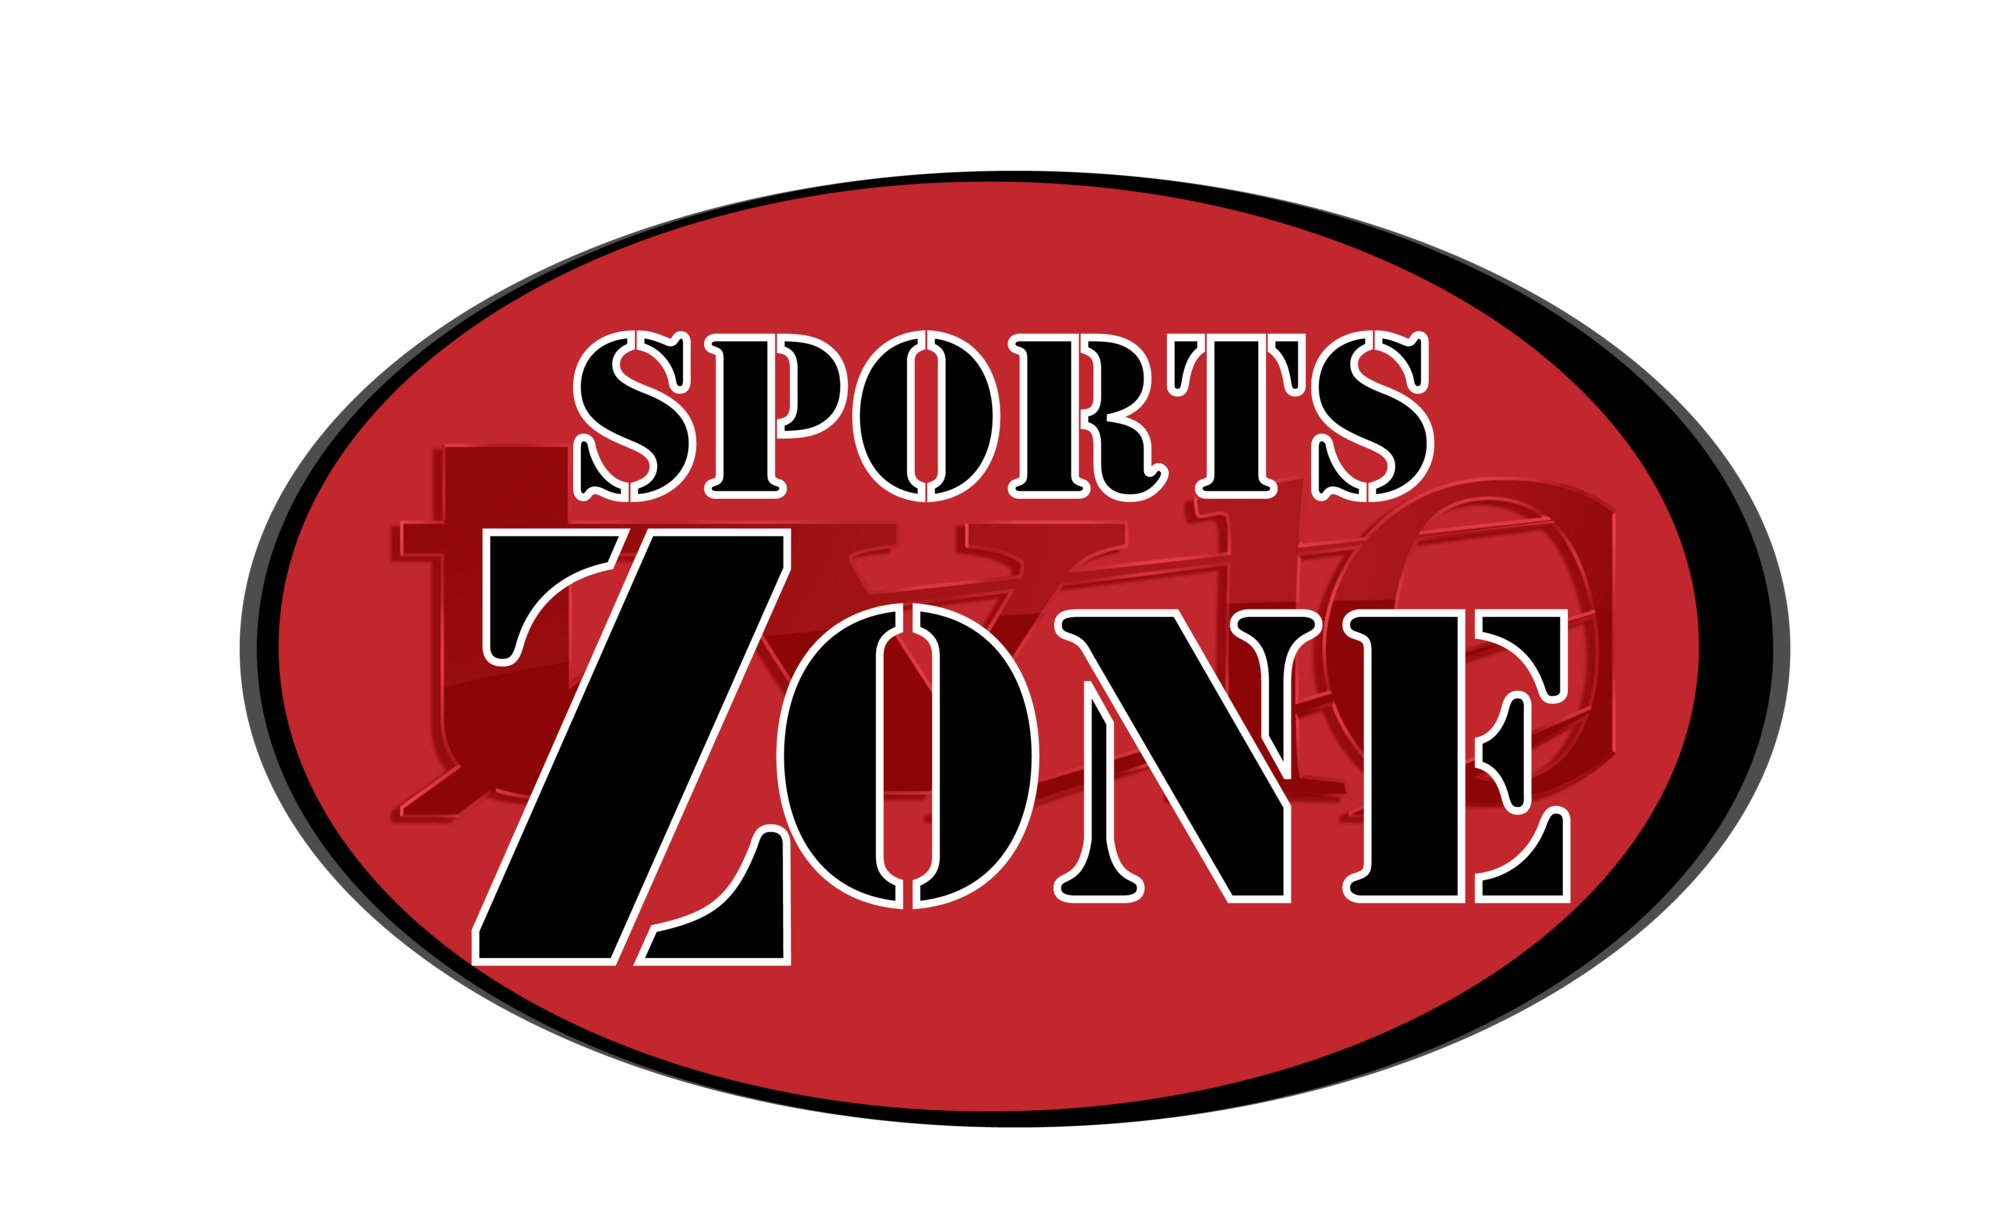 Citaten Sport Zone : Citaten sport zone beroemde over wintersport